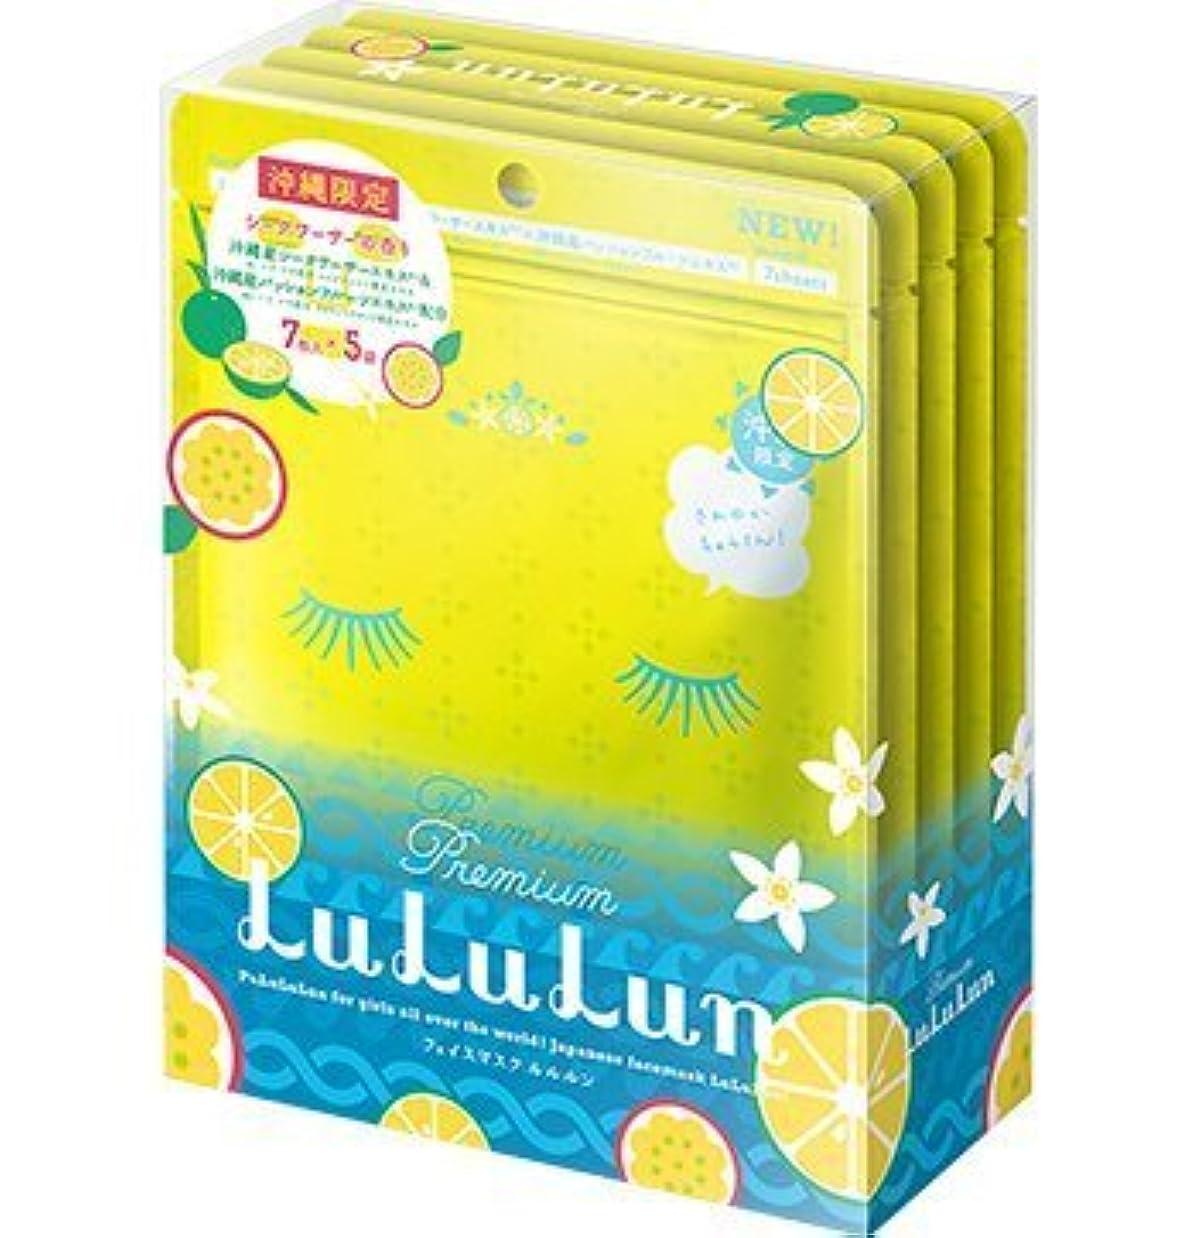 地味なテント倉庫沖縄限定 沖縄プレミアム ルルルン LuLuLun フェイスマスク シークワーサーの香り 7枚入り×5袋